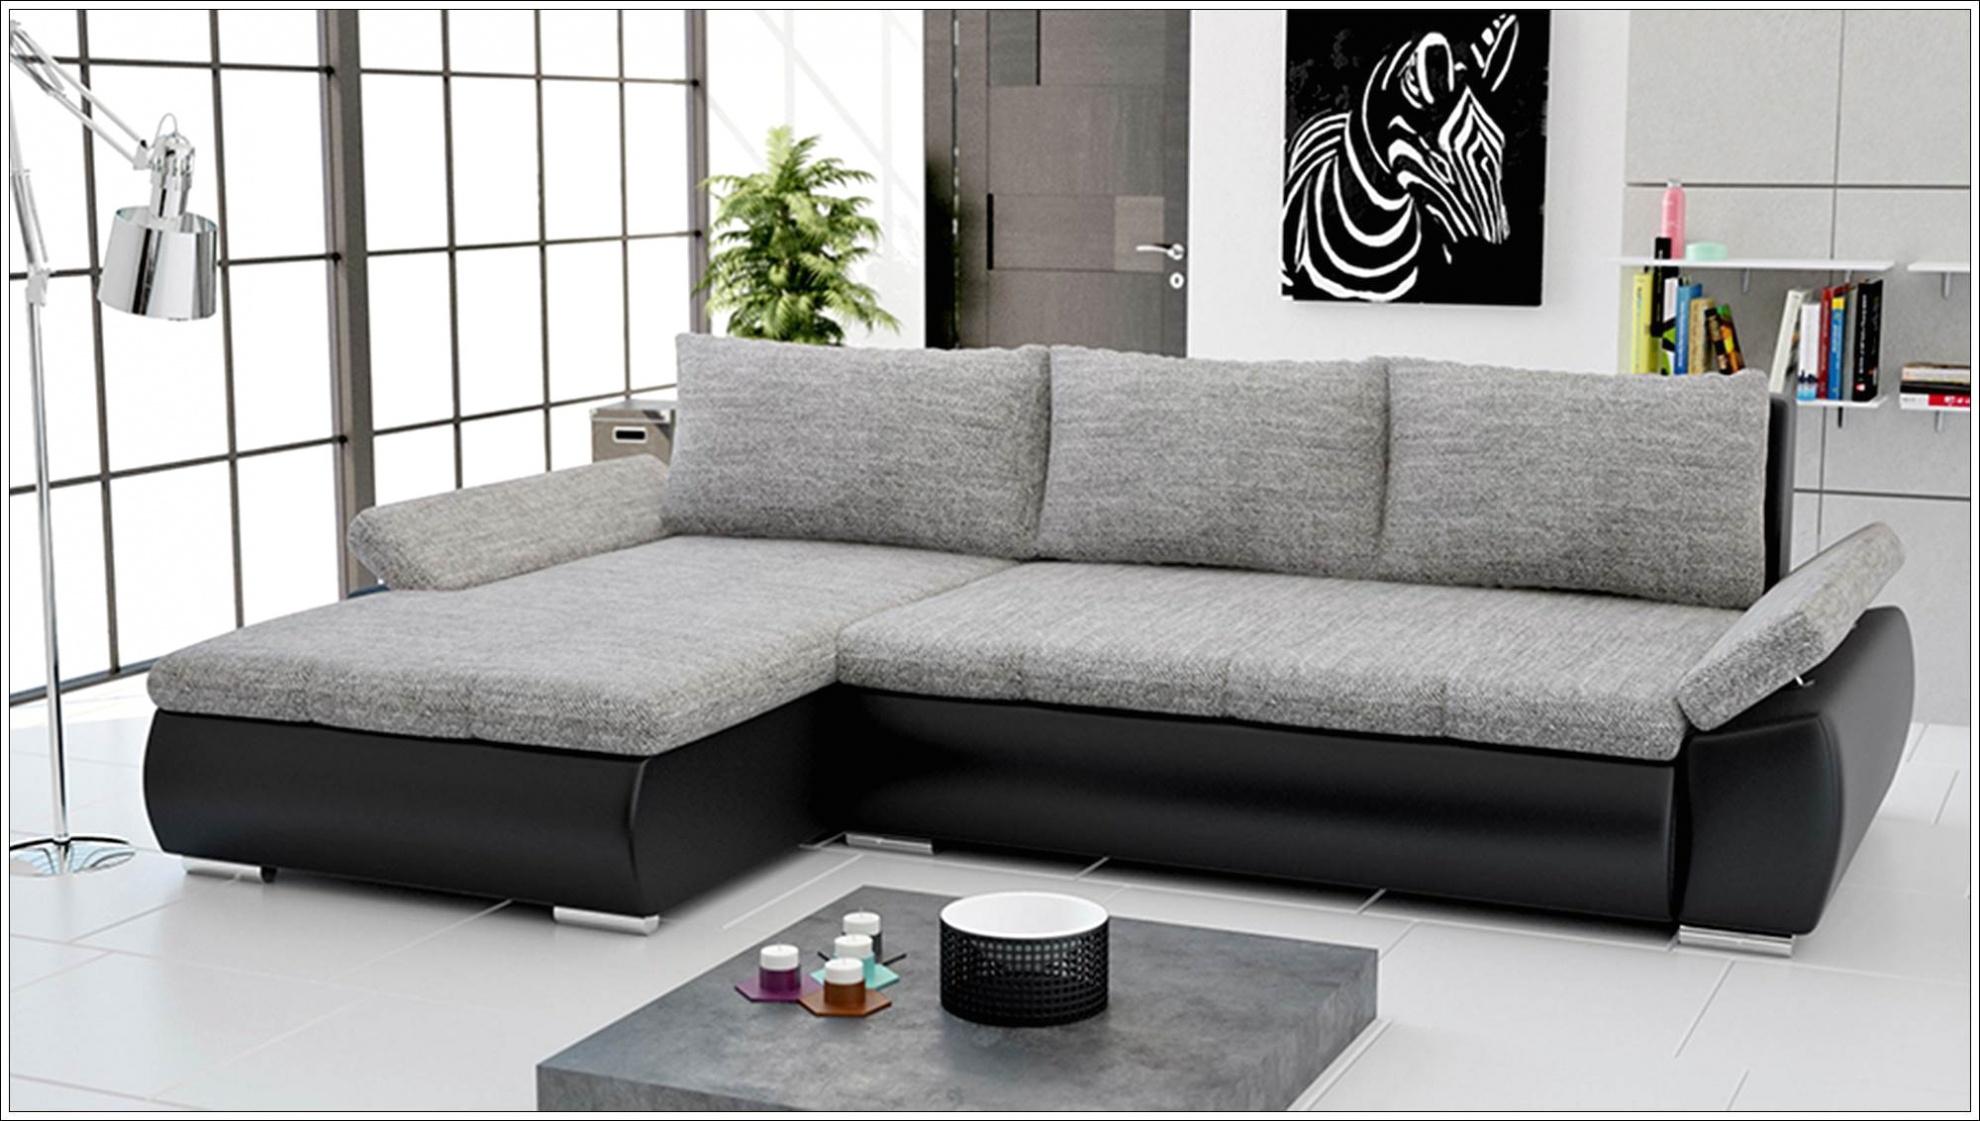 Cuir Autocollant Pour Canapé Élégant Galerie Maha S Canapé Convertible Moderne Thuis Mahagranda